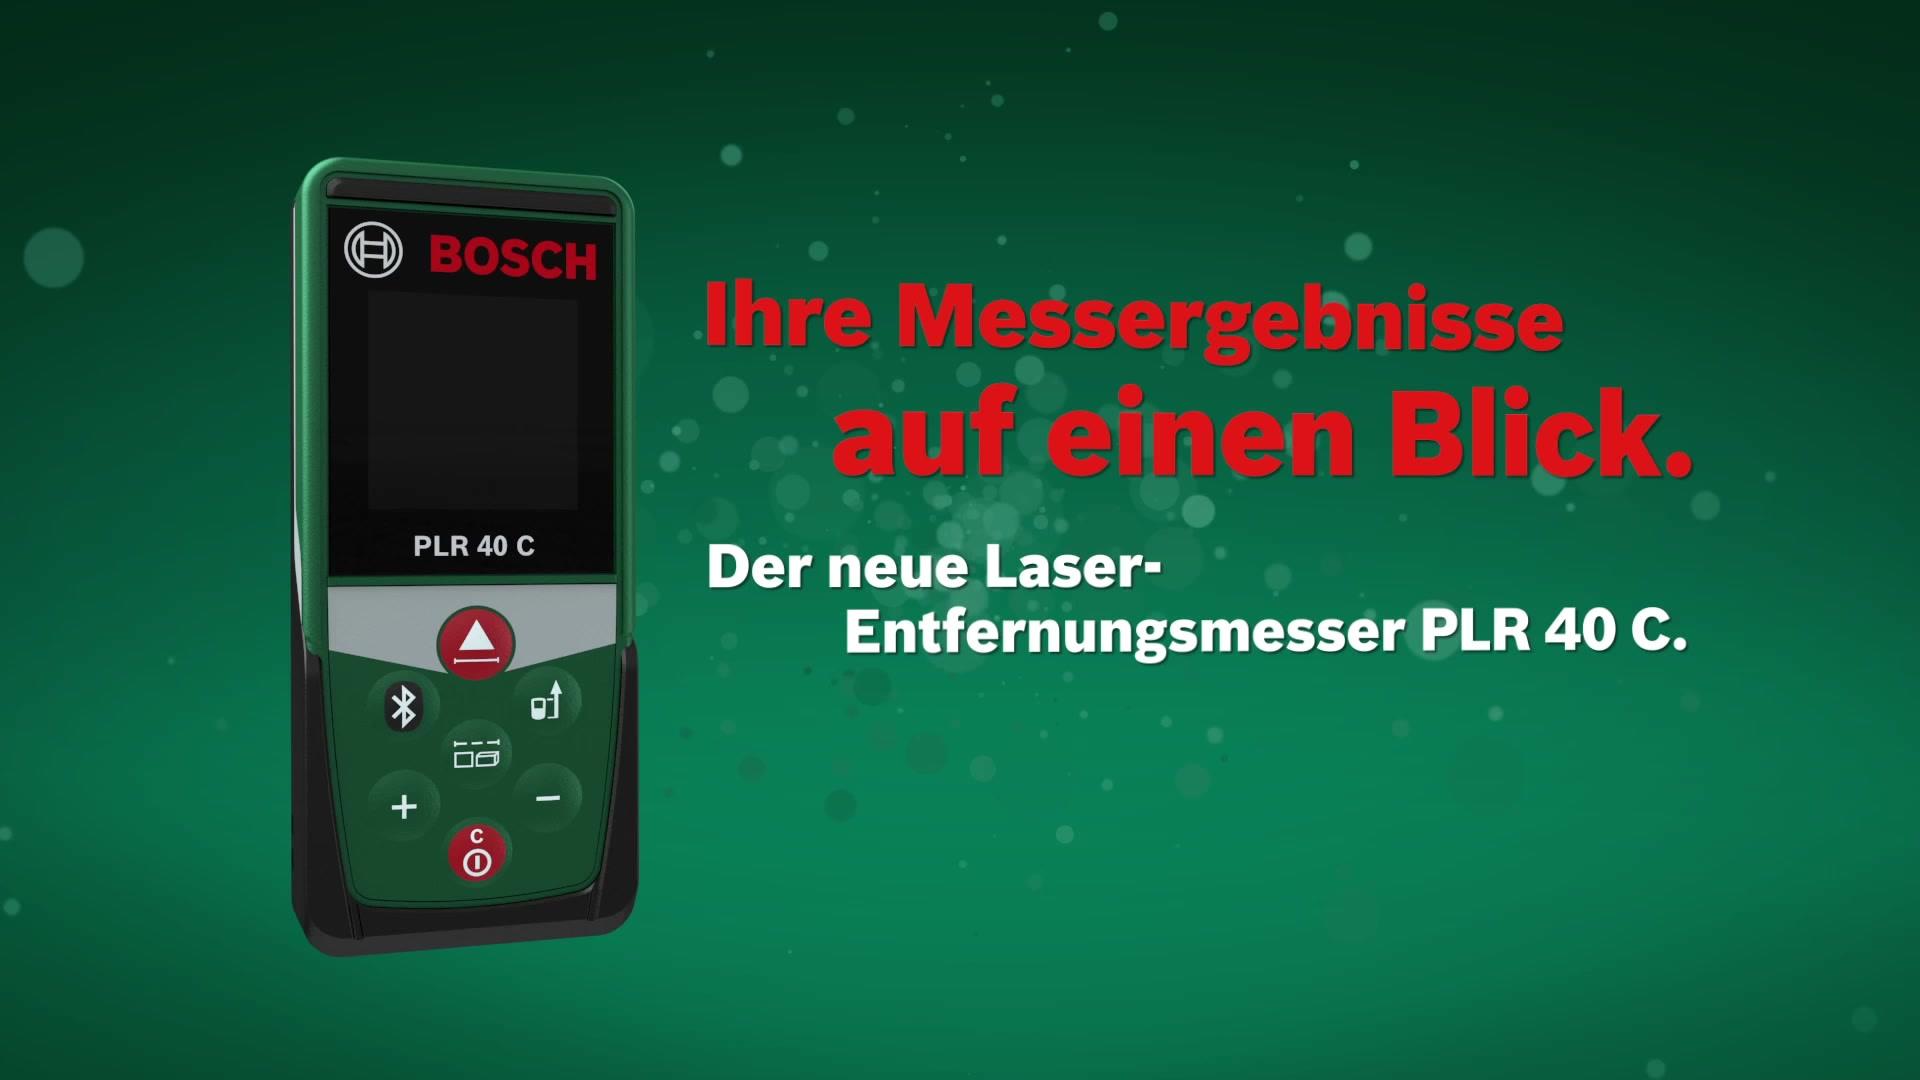 Bosch laser entfernungsmesser plr c« hagebau